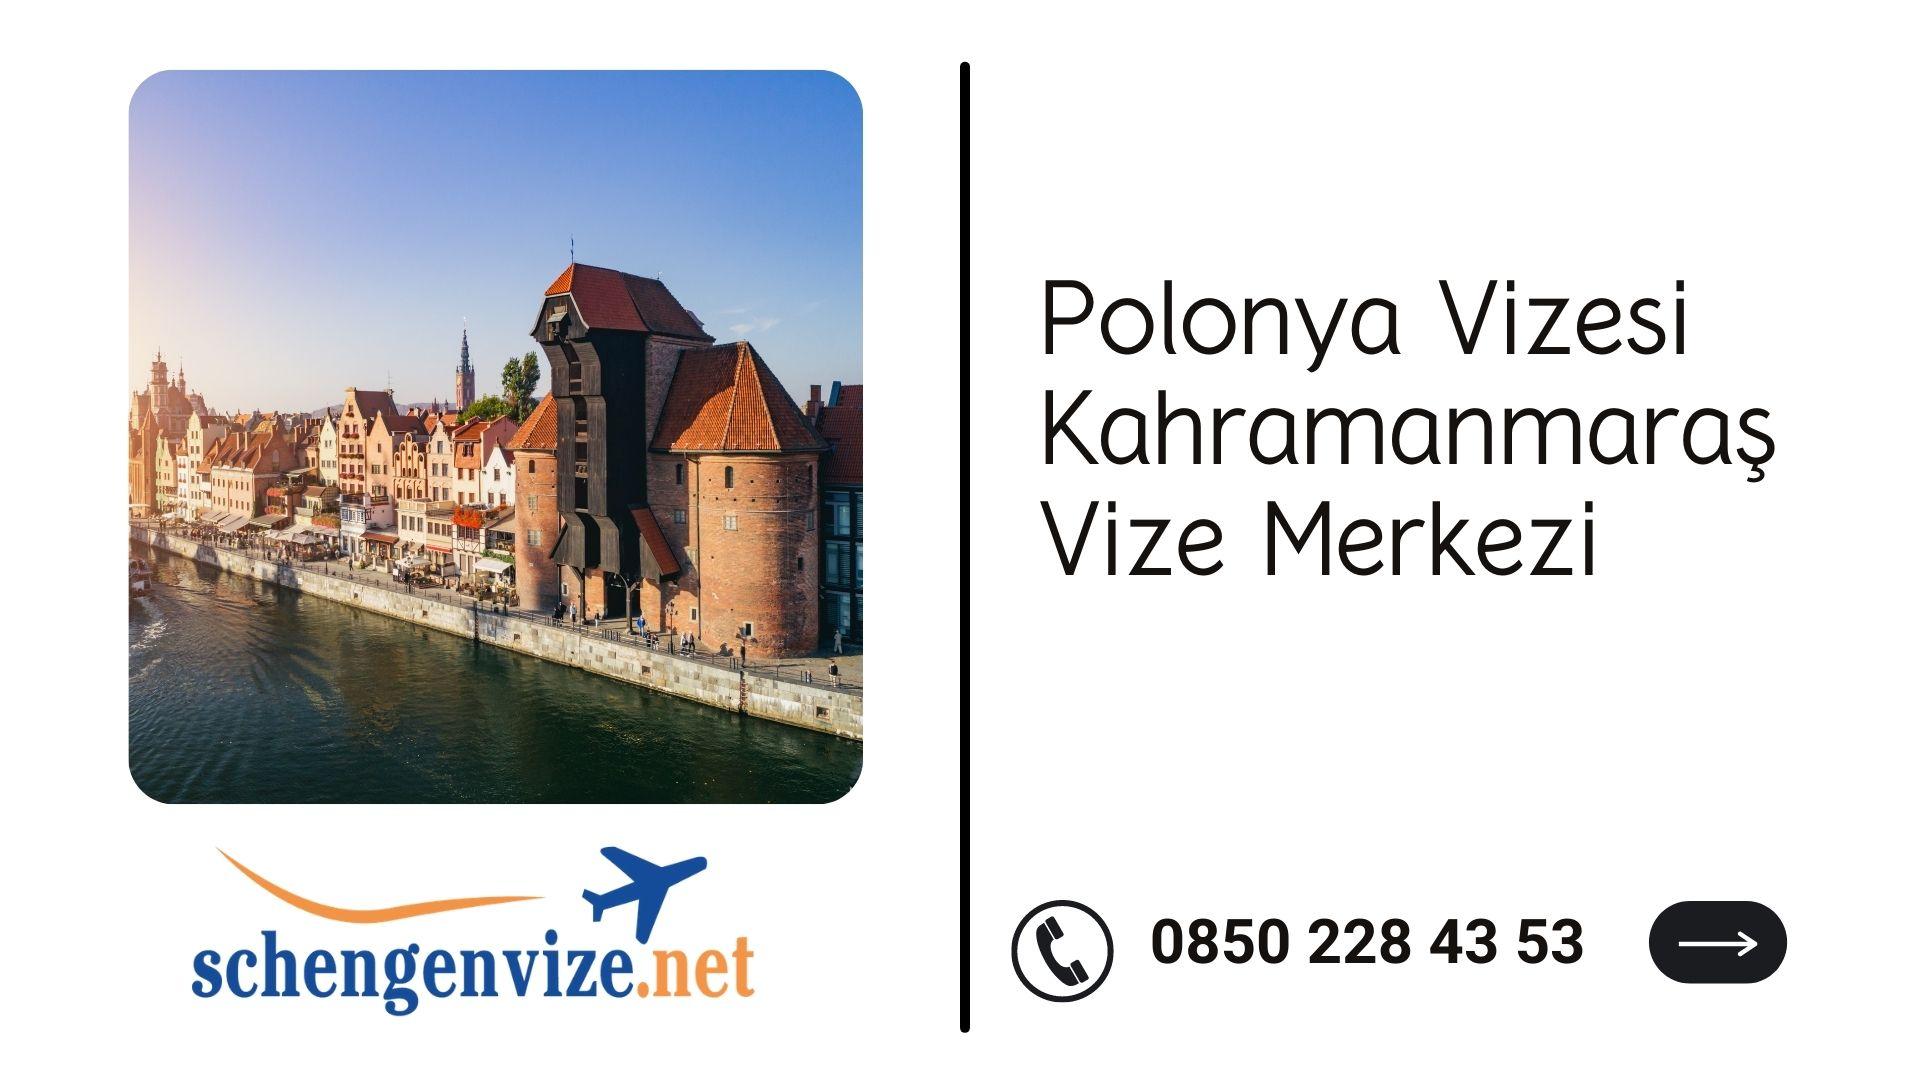 Polonya Vizesi Kahramanmaraş Vize Merkezi